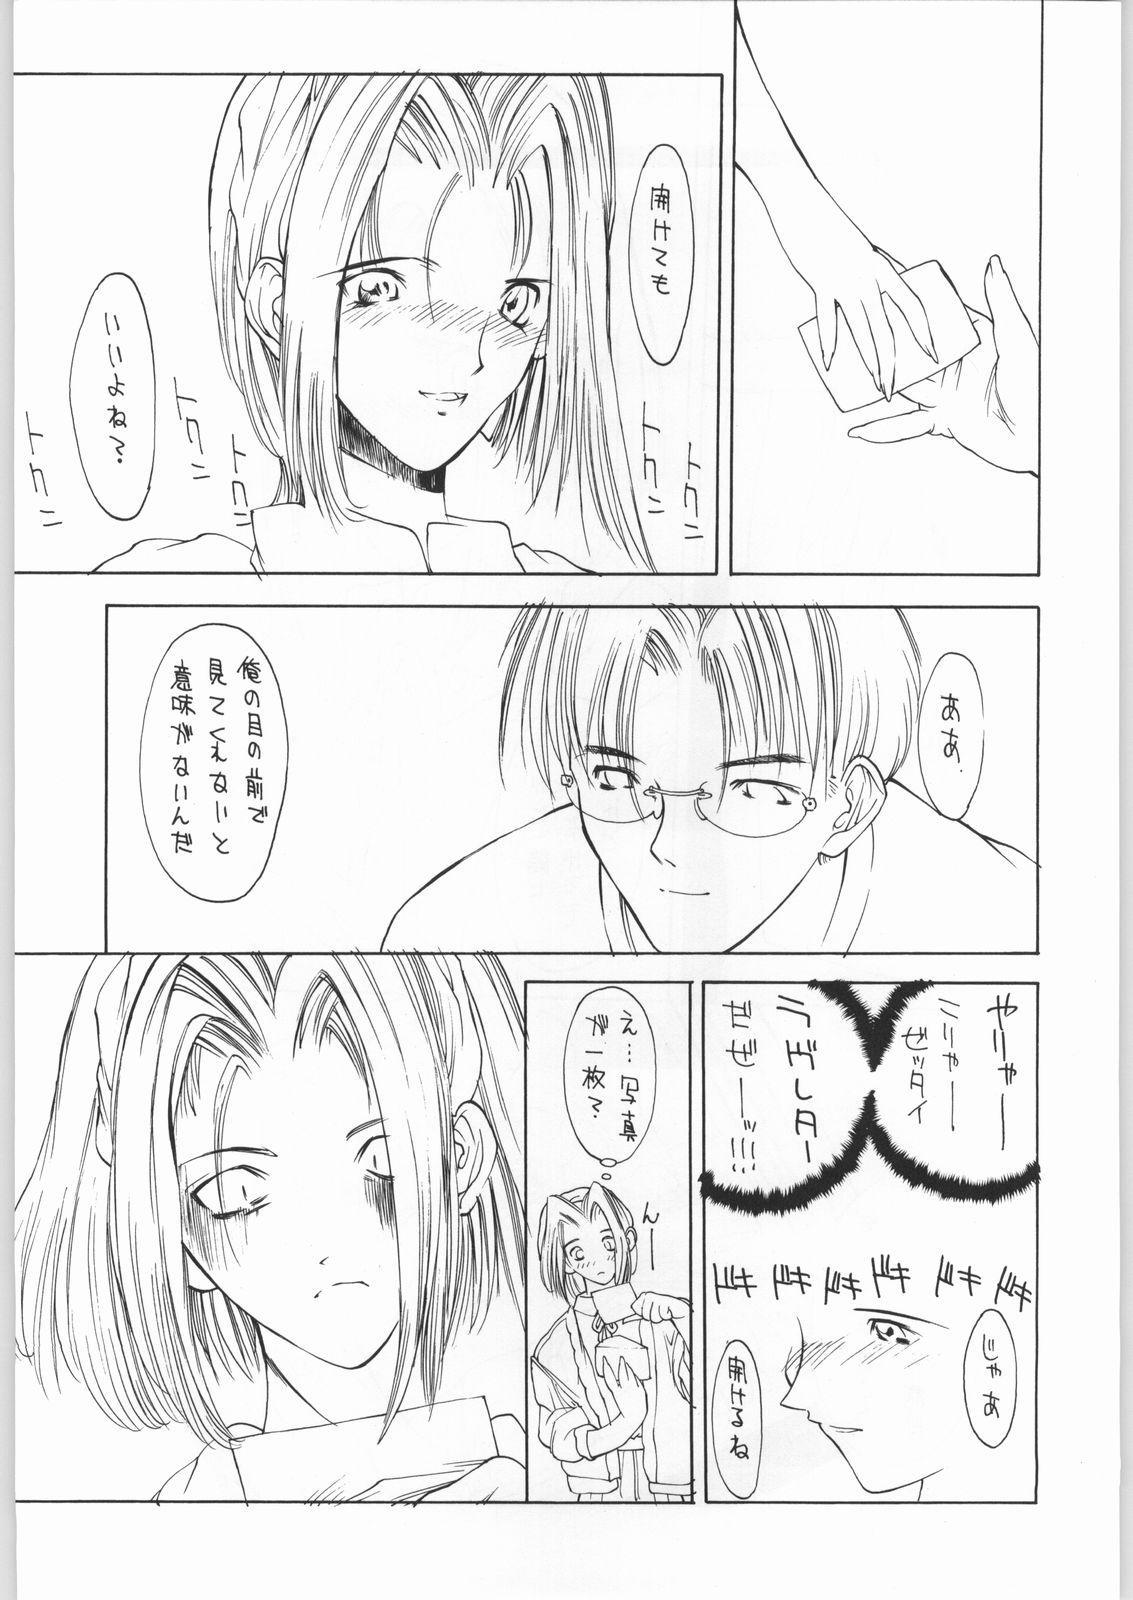 Ero Manga Kenkyuujo FIRE 19